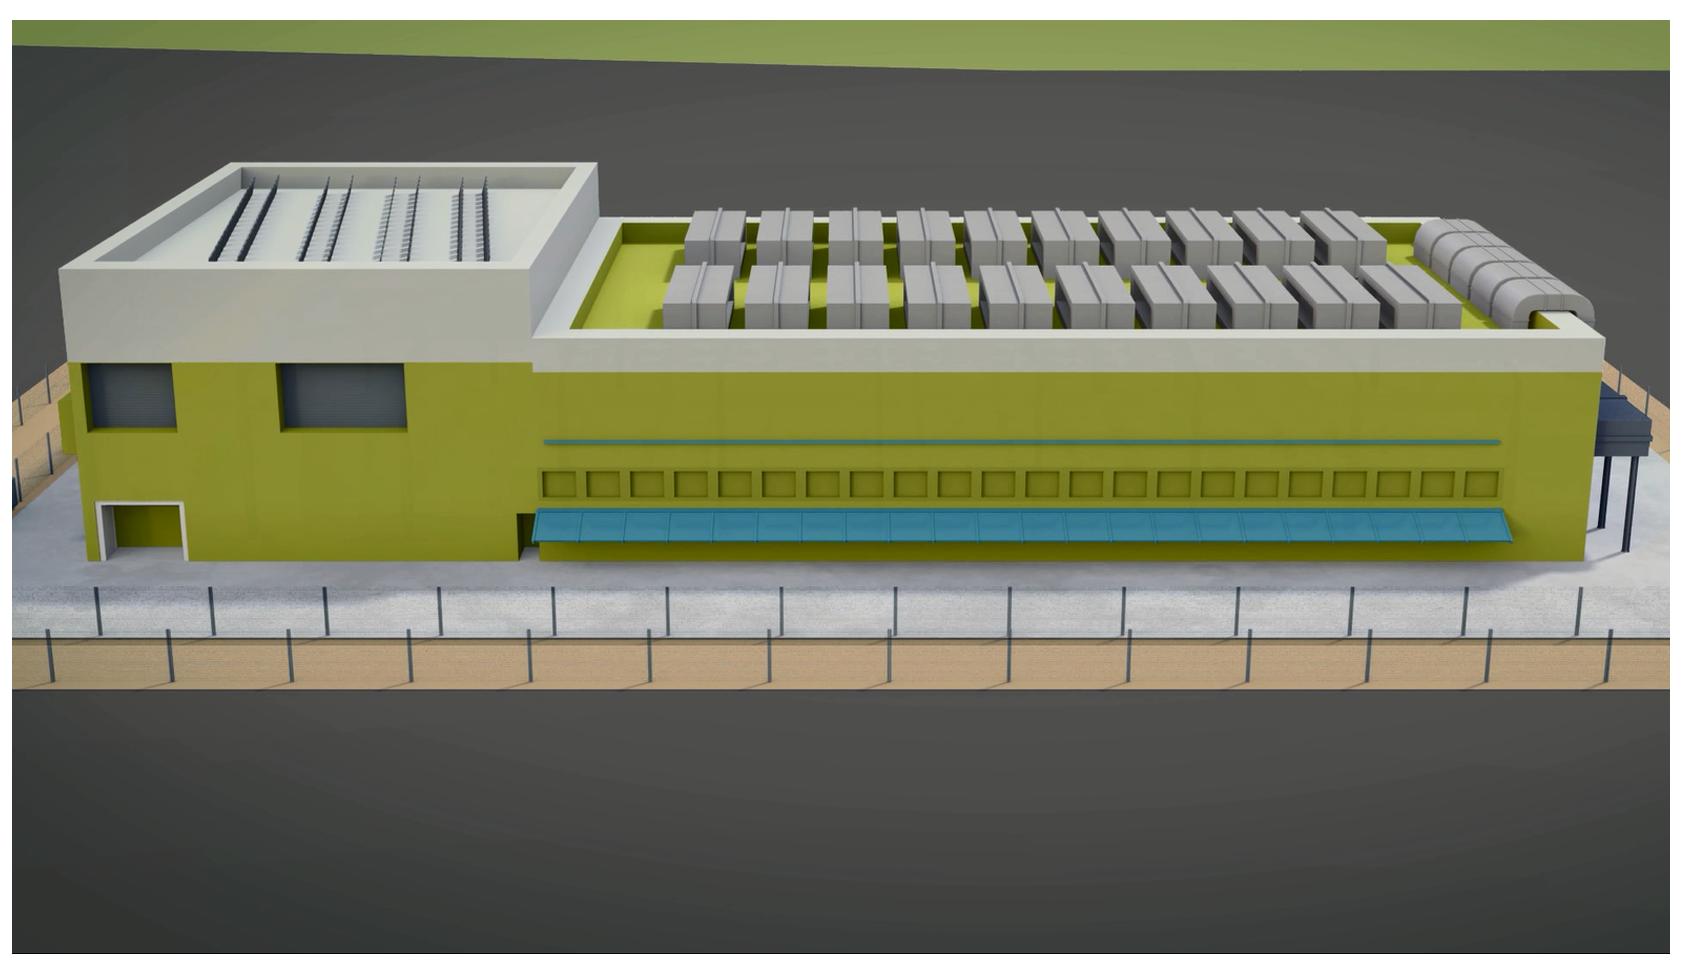 第2期-室內乾式貯存設施外觀圖